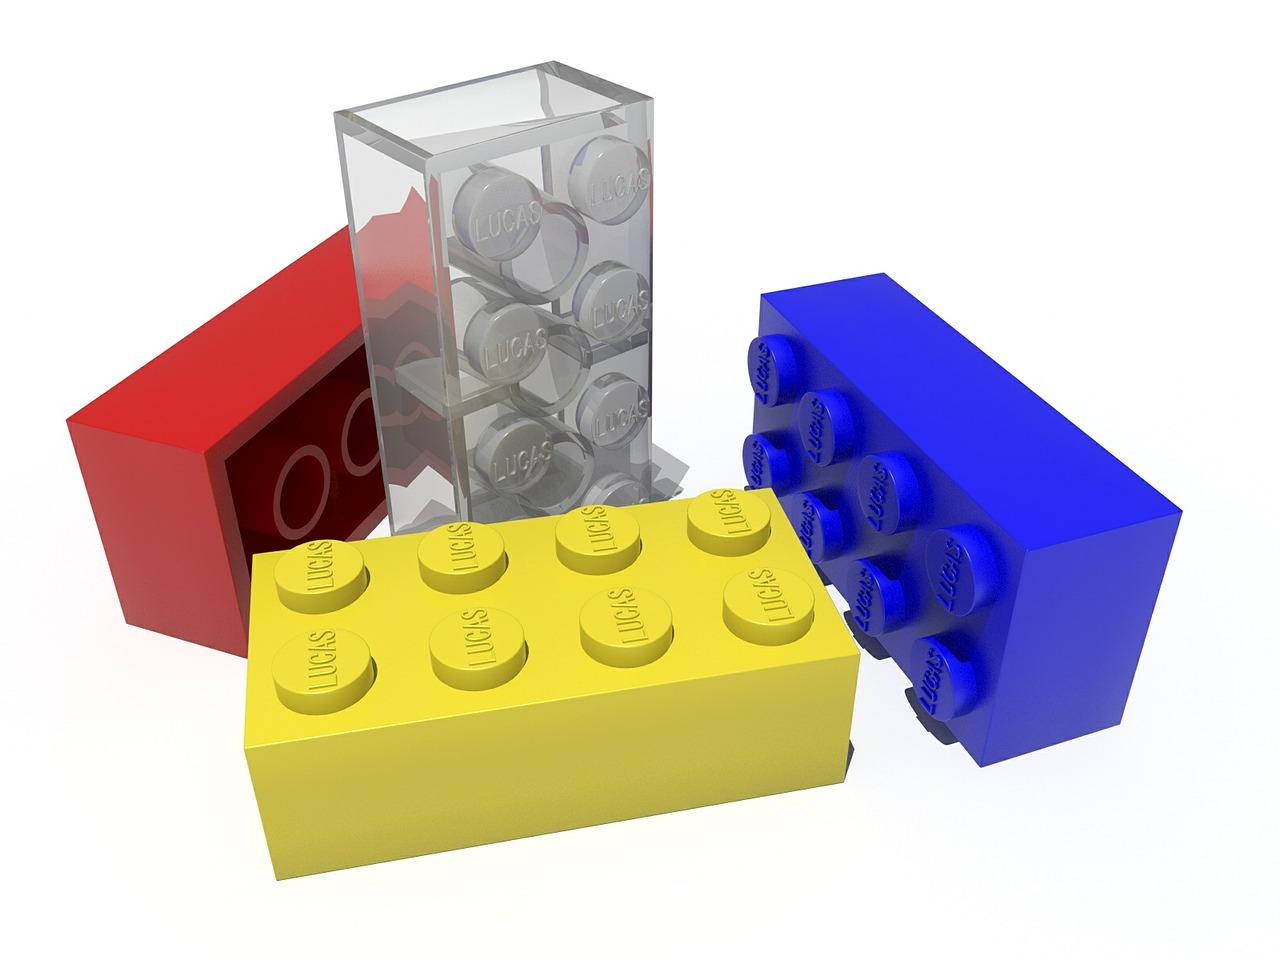 lego-615239_1280.jpg